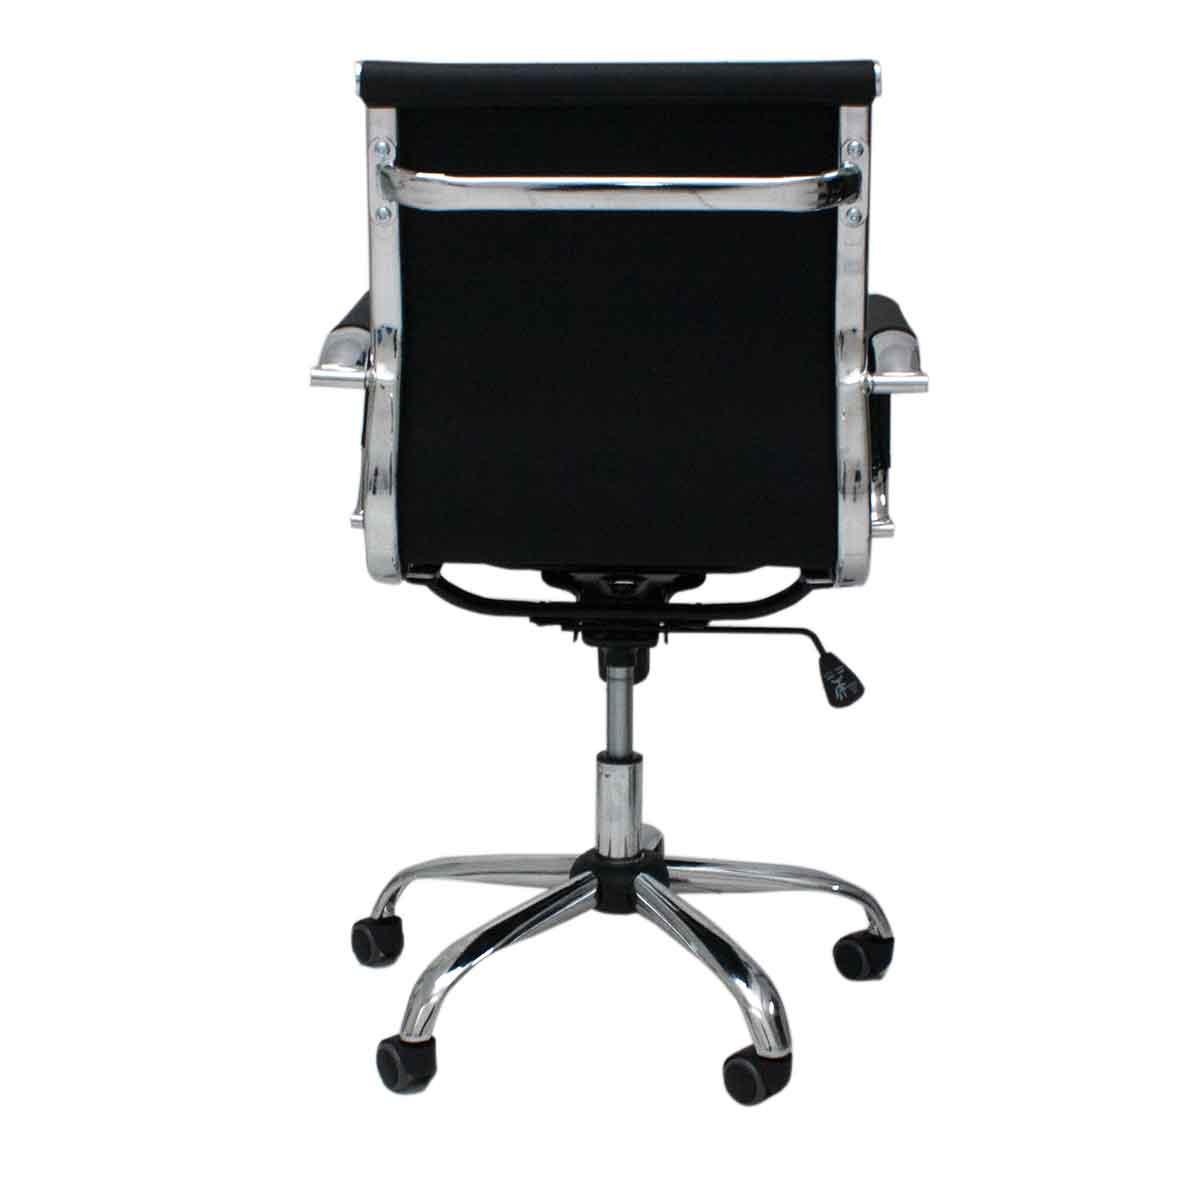 Cadeira Escritório Brun Charles Eames Diretor Giratória Aço